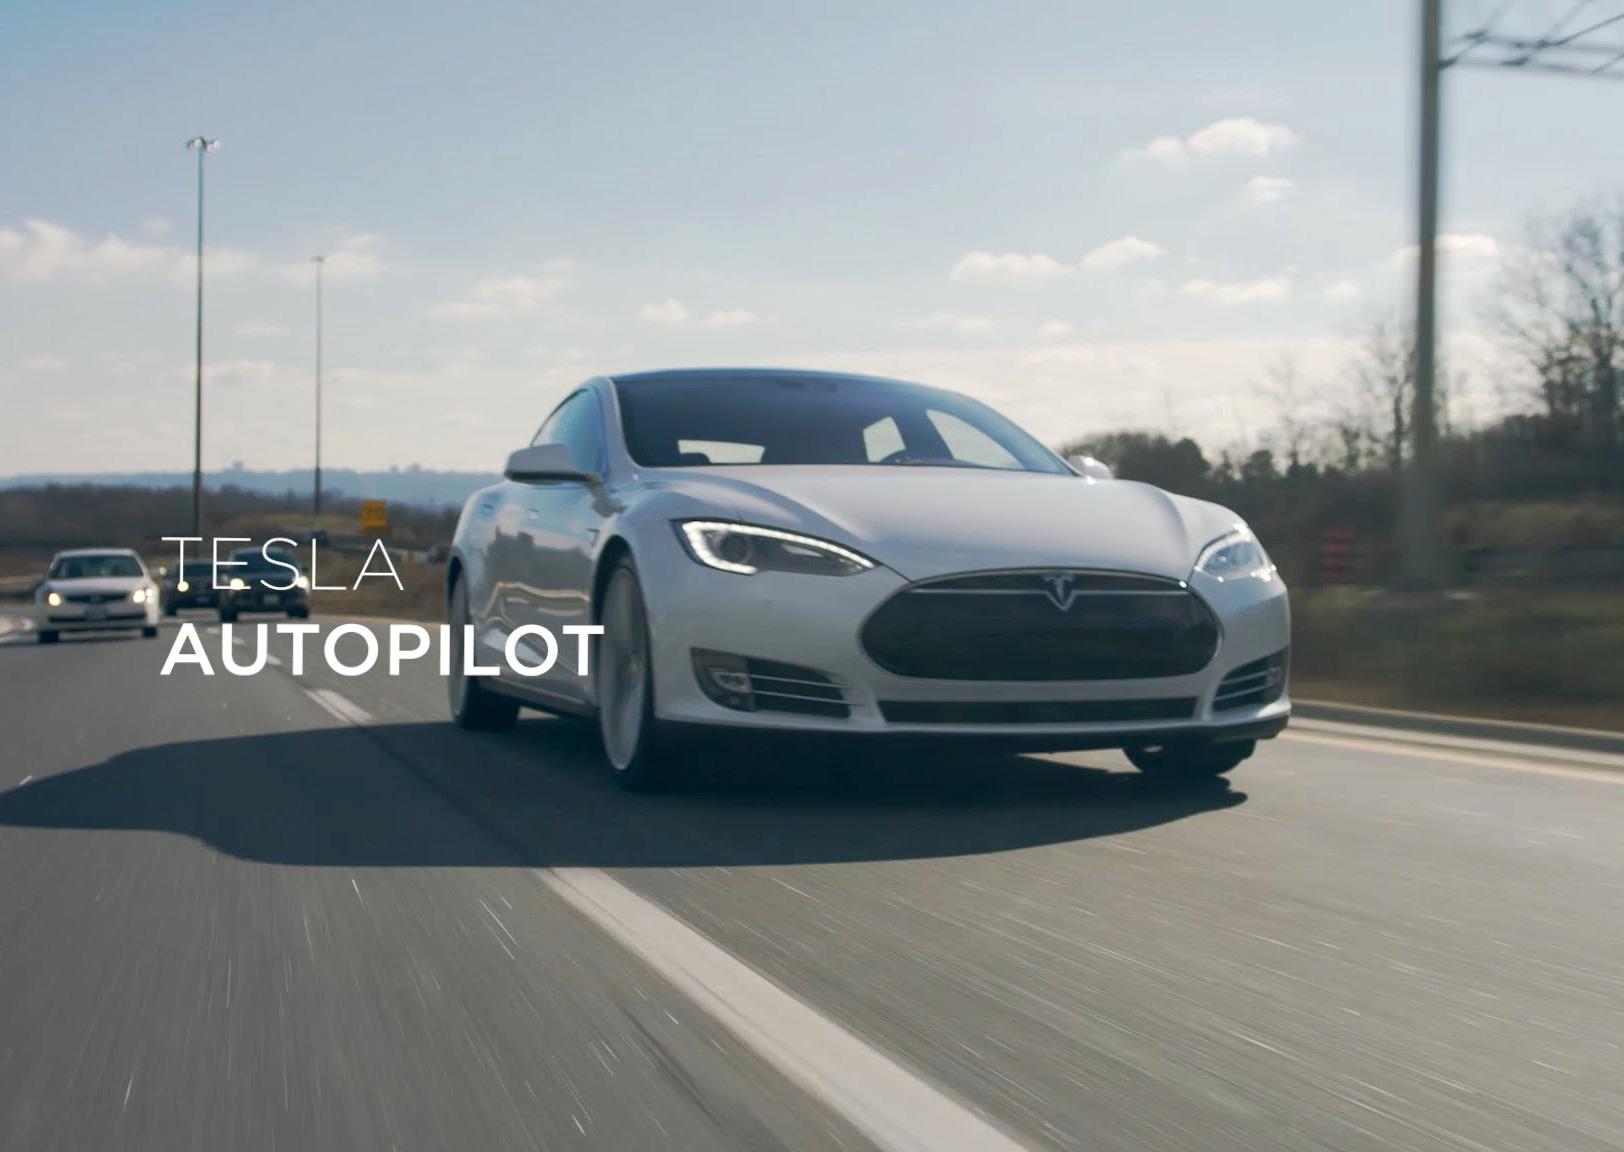 Илон Маск Обновление Version 9.0 для электромобилей Tesla добавит полный перечень функций самостоятельного управления